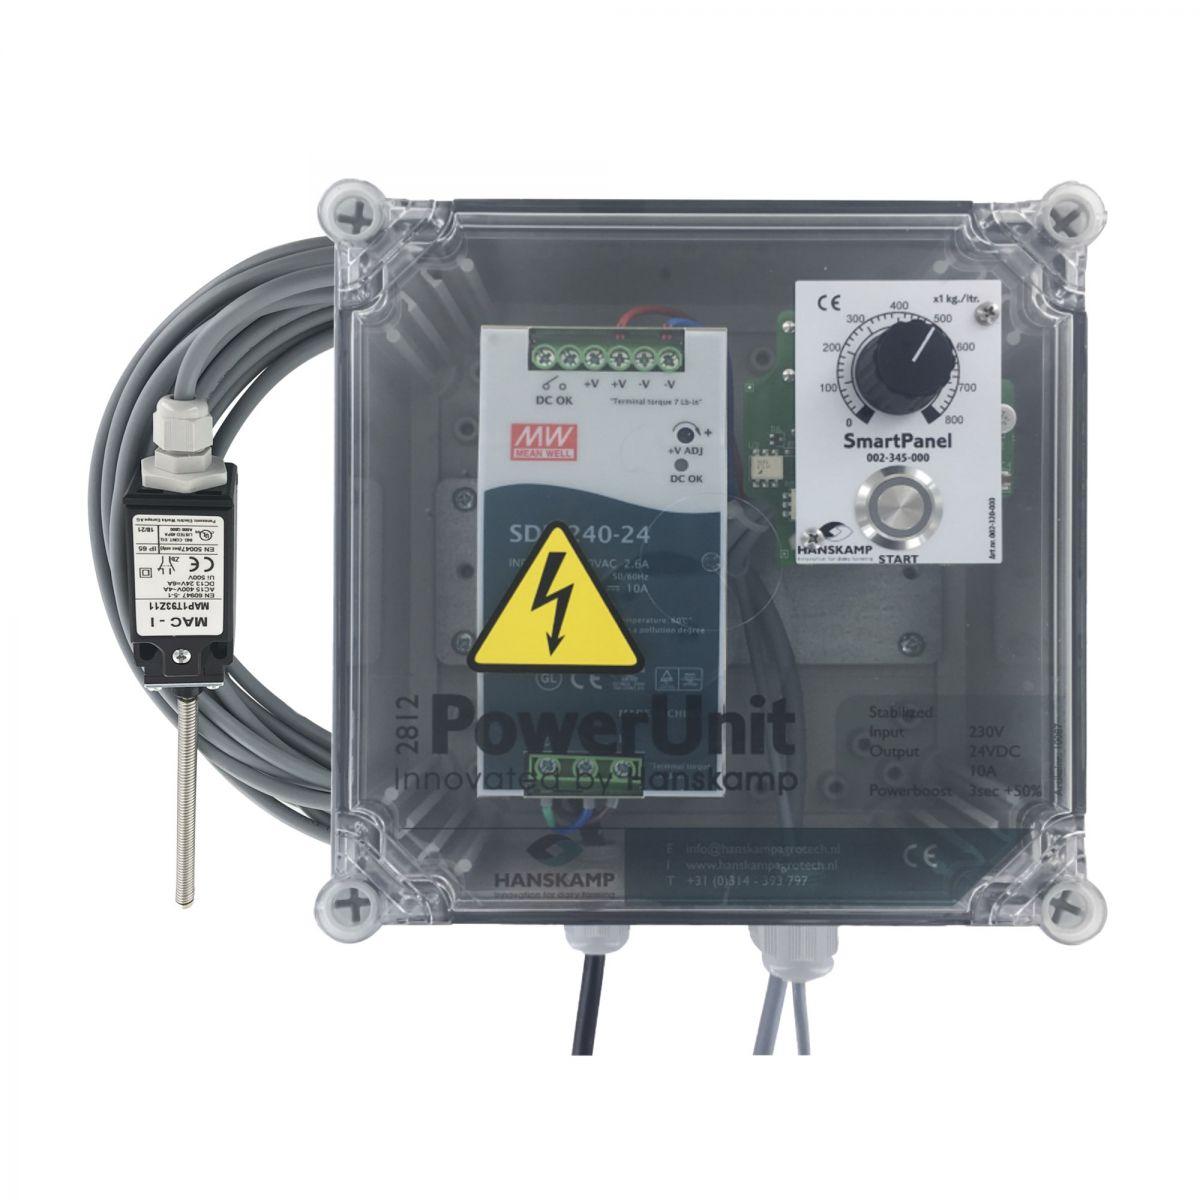 smartpanel in powerunit ein futtersorte mit entschalter 04 kg mit skaleneinteilung